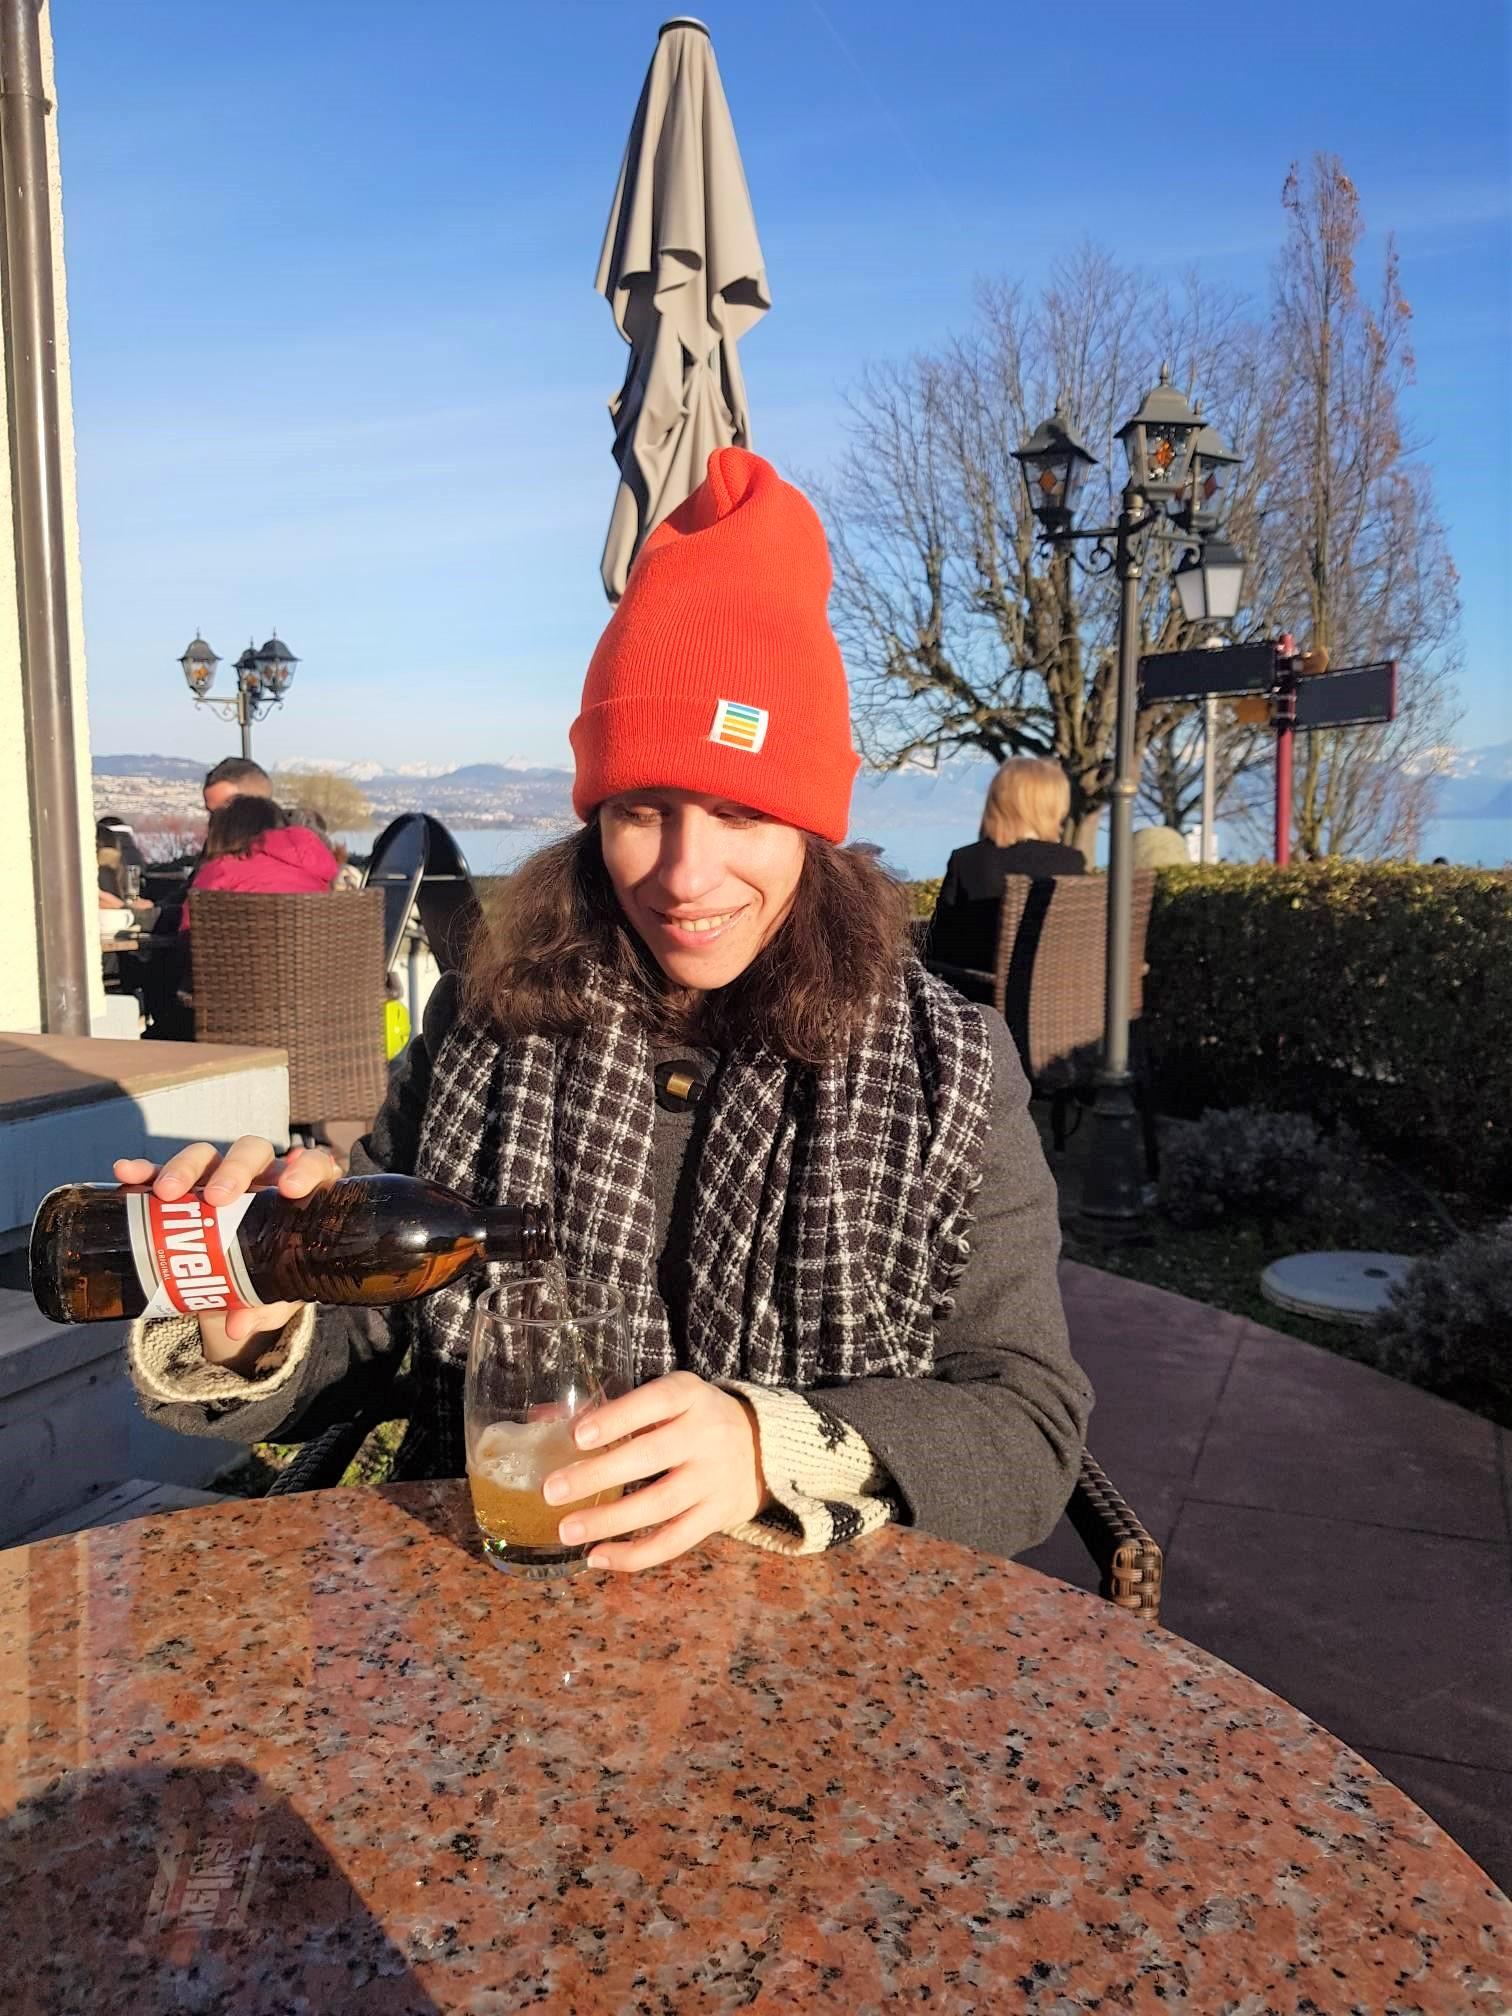 rivella-boisson-suisse-lausanne-saint-sulpice-canton-de-vaud-blog-voyage-clioandco.